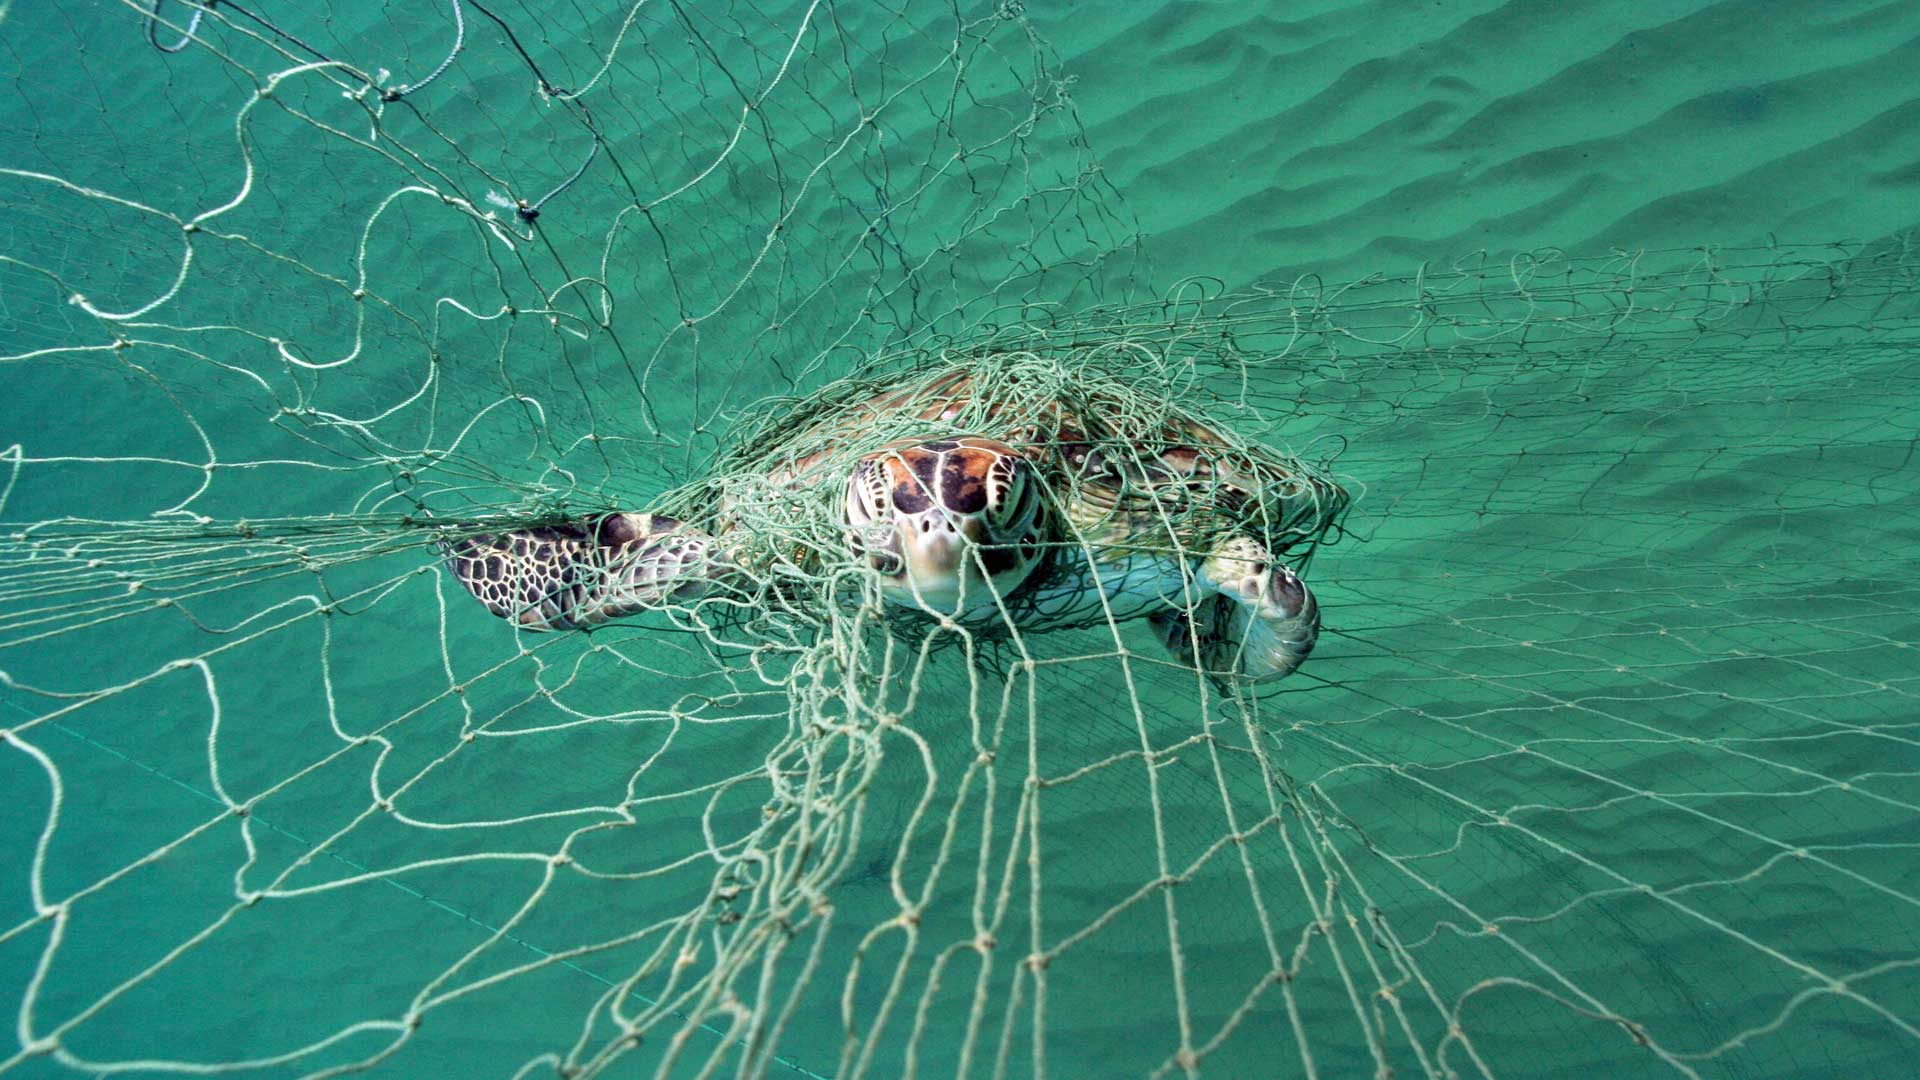 Meeresschildkröten im Netz: Sie sind durch Fischerei bedroht